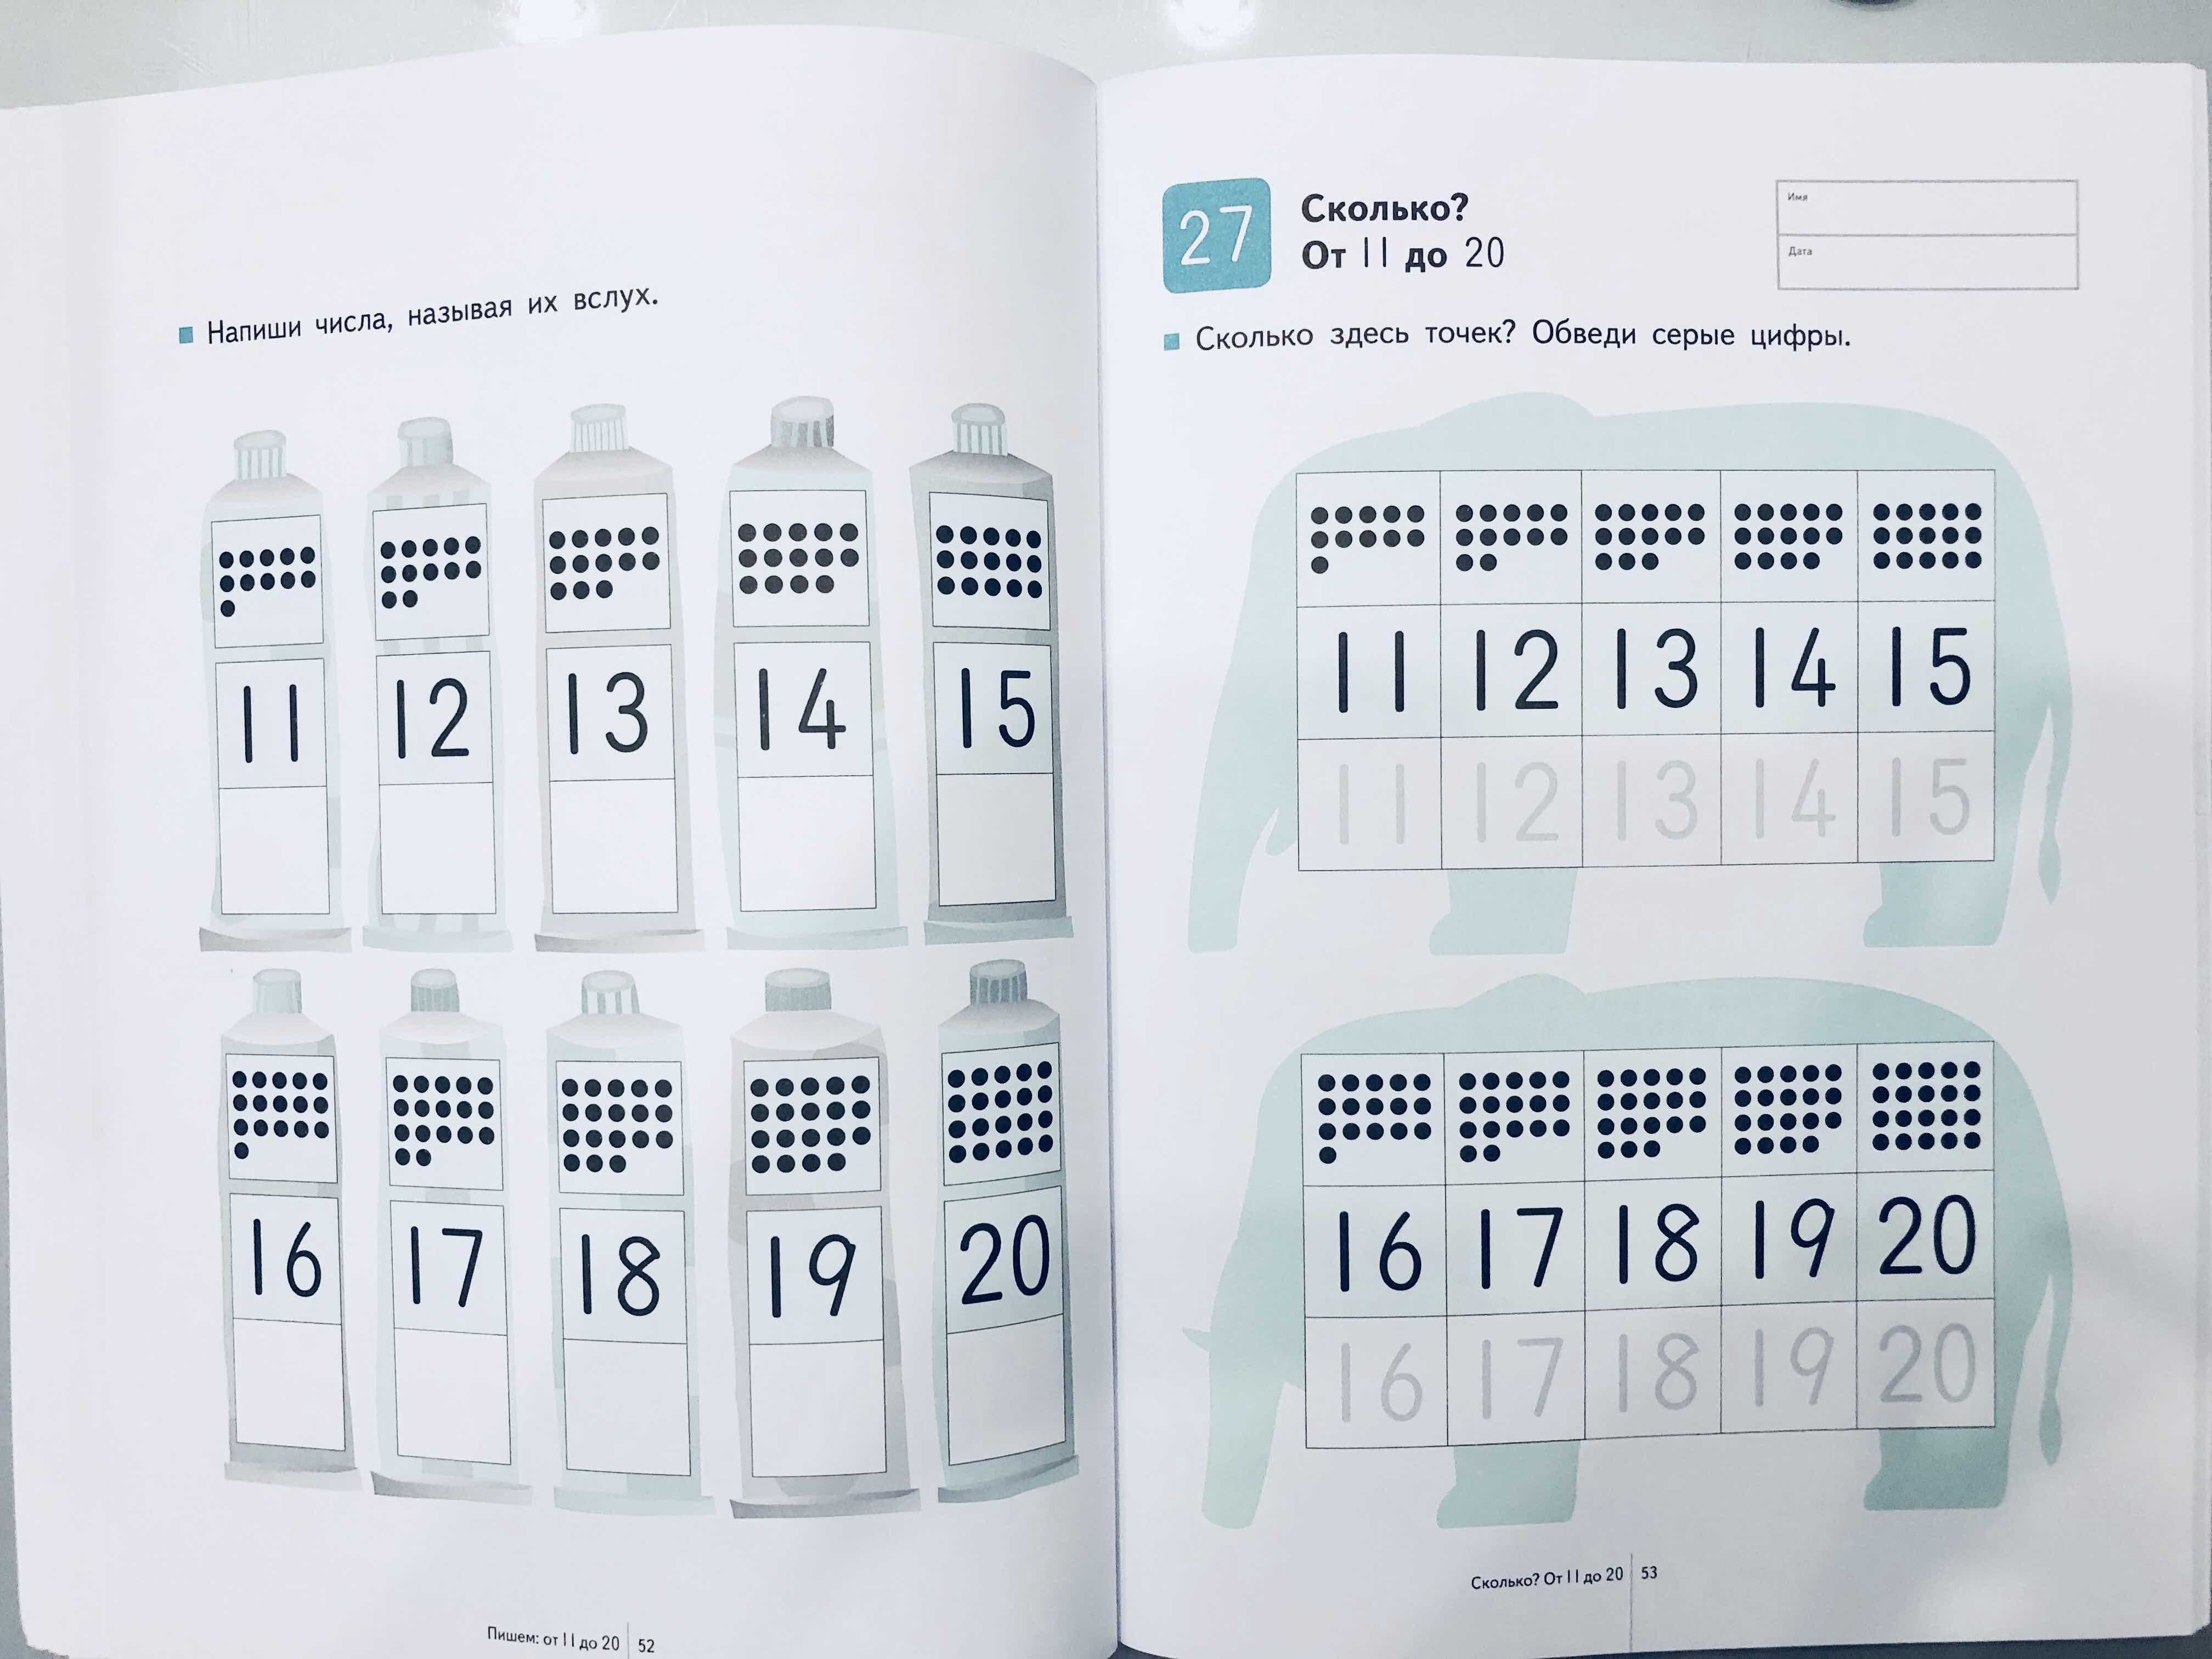 Начинаем учиться считать. Изучаем счет от 1 до 30. 17